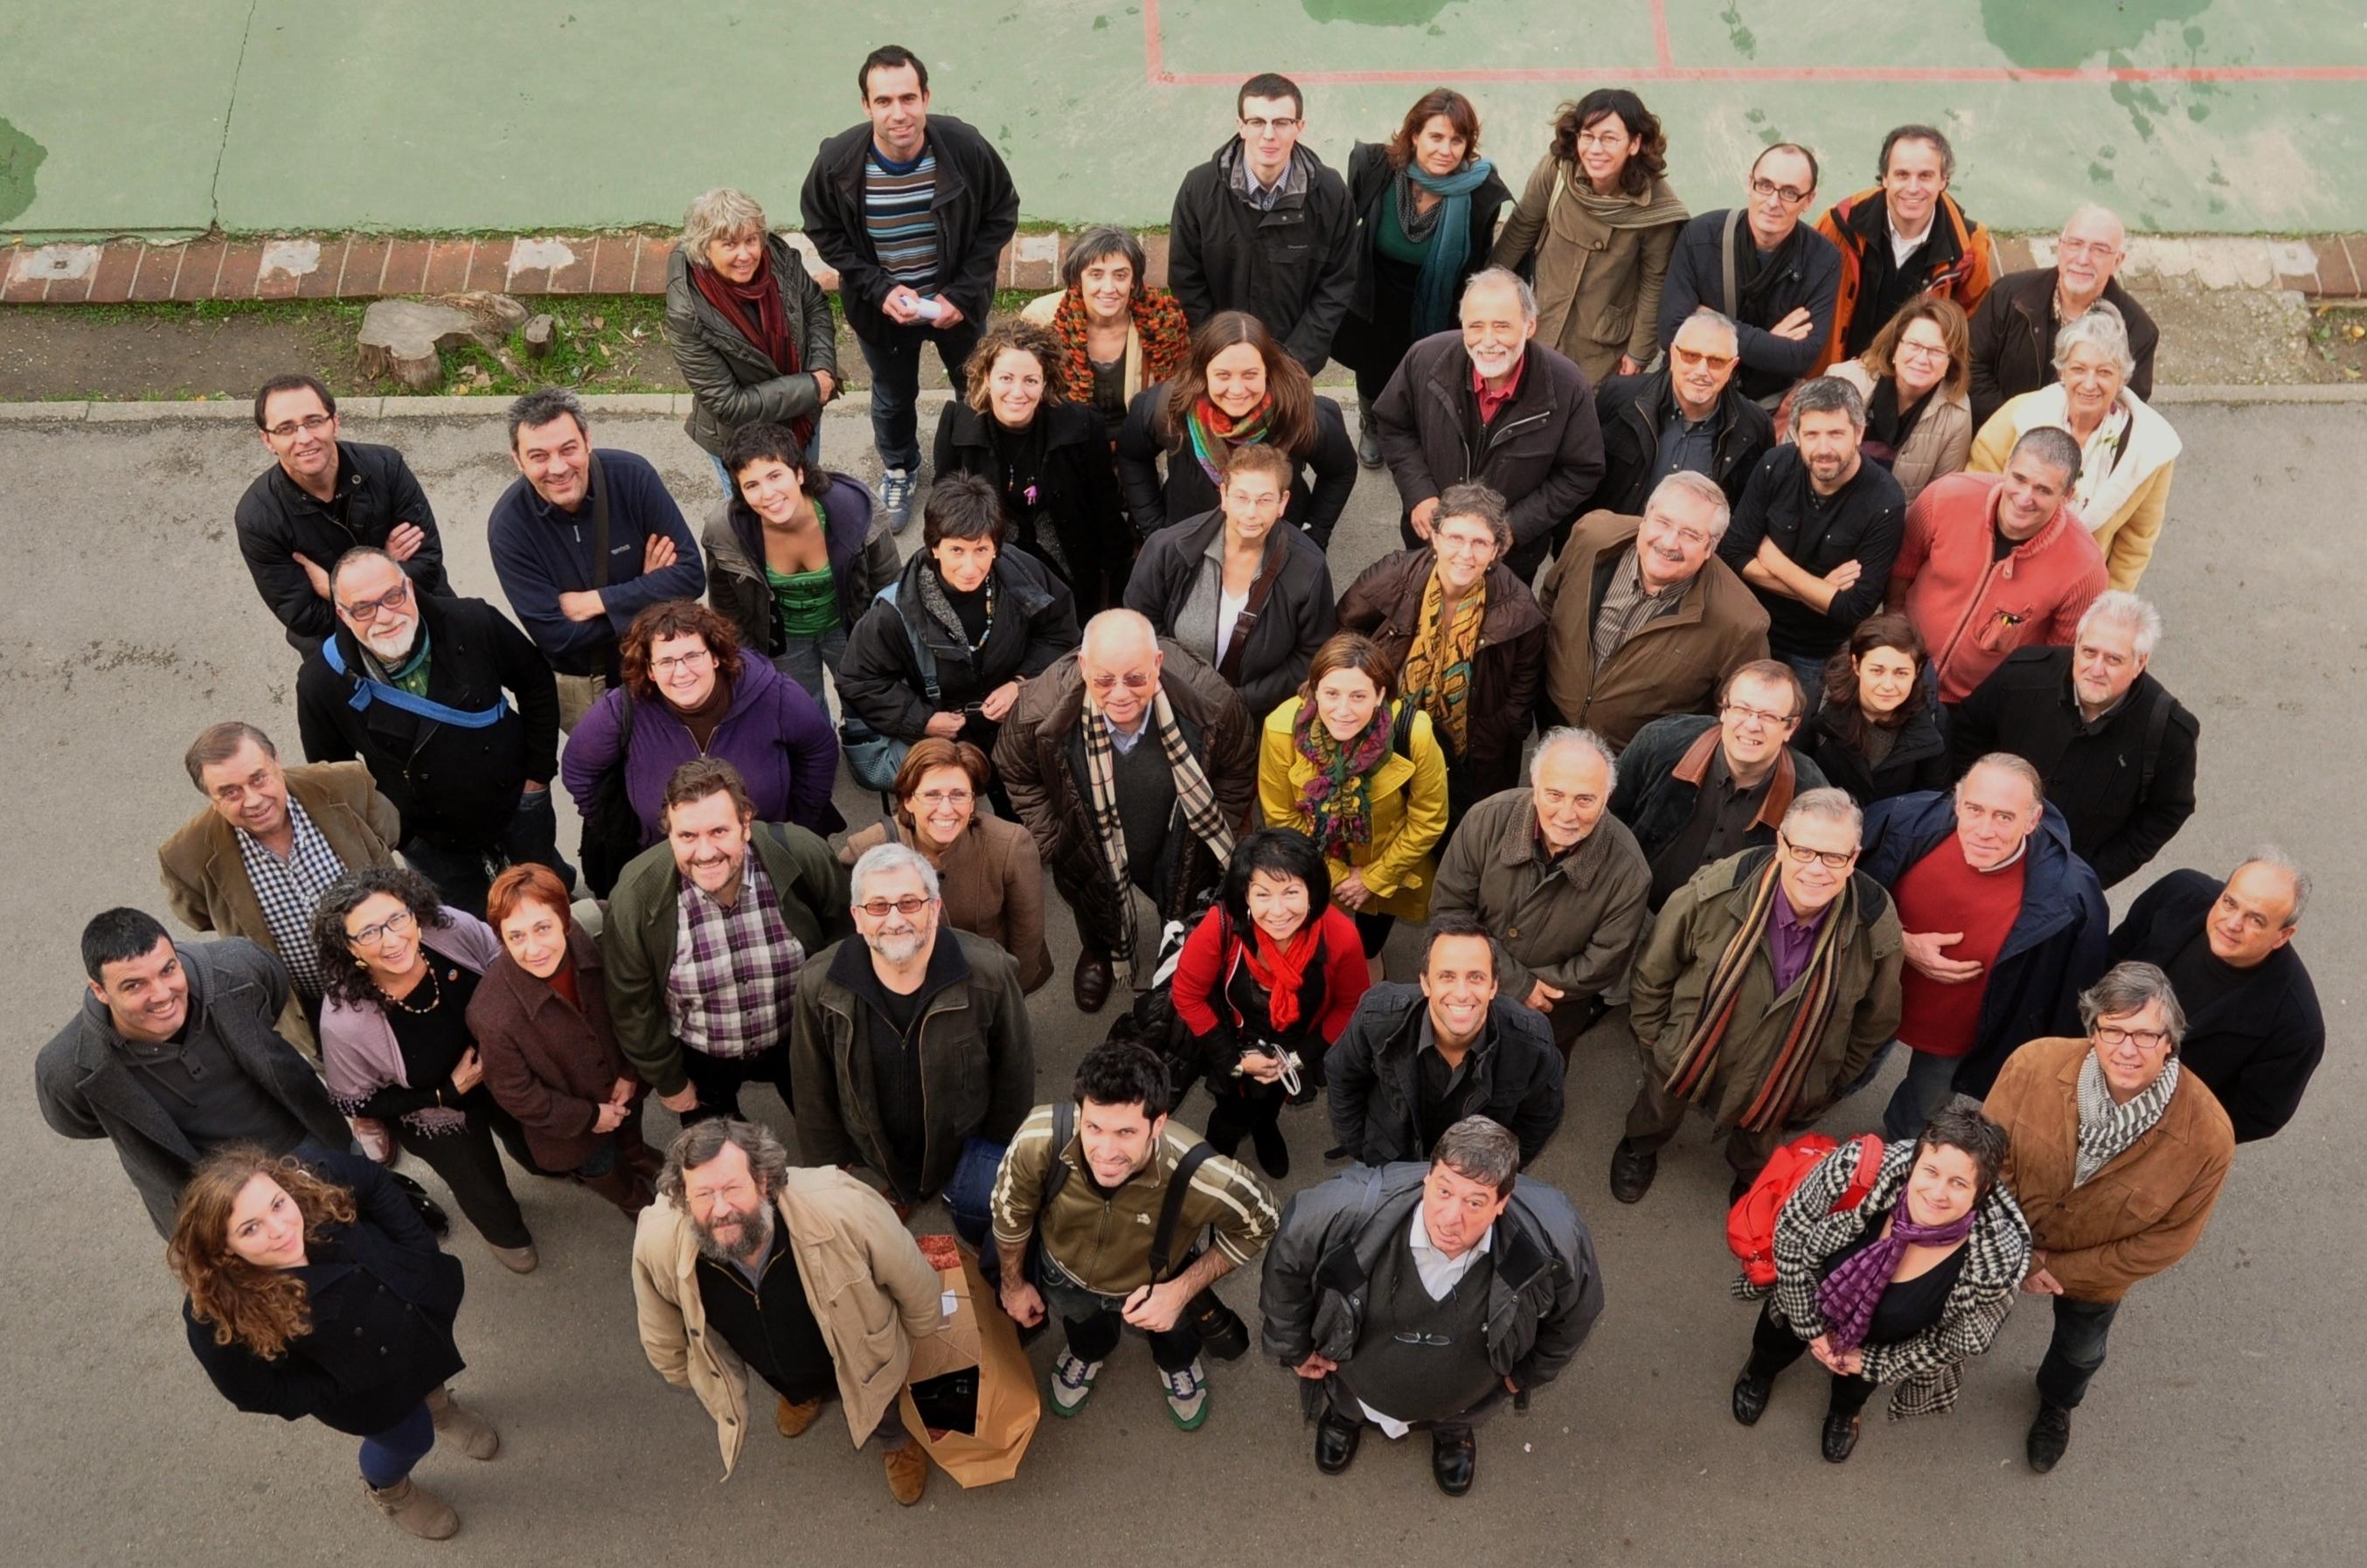 La Asamblea Nacional Catalana en Sants, el pasado diciembre